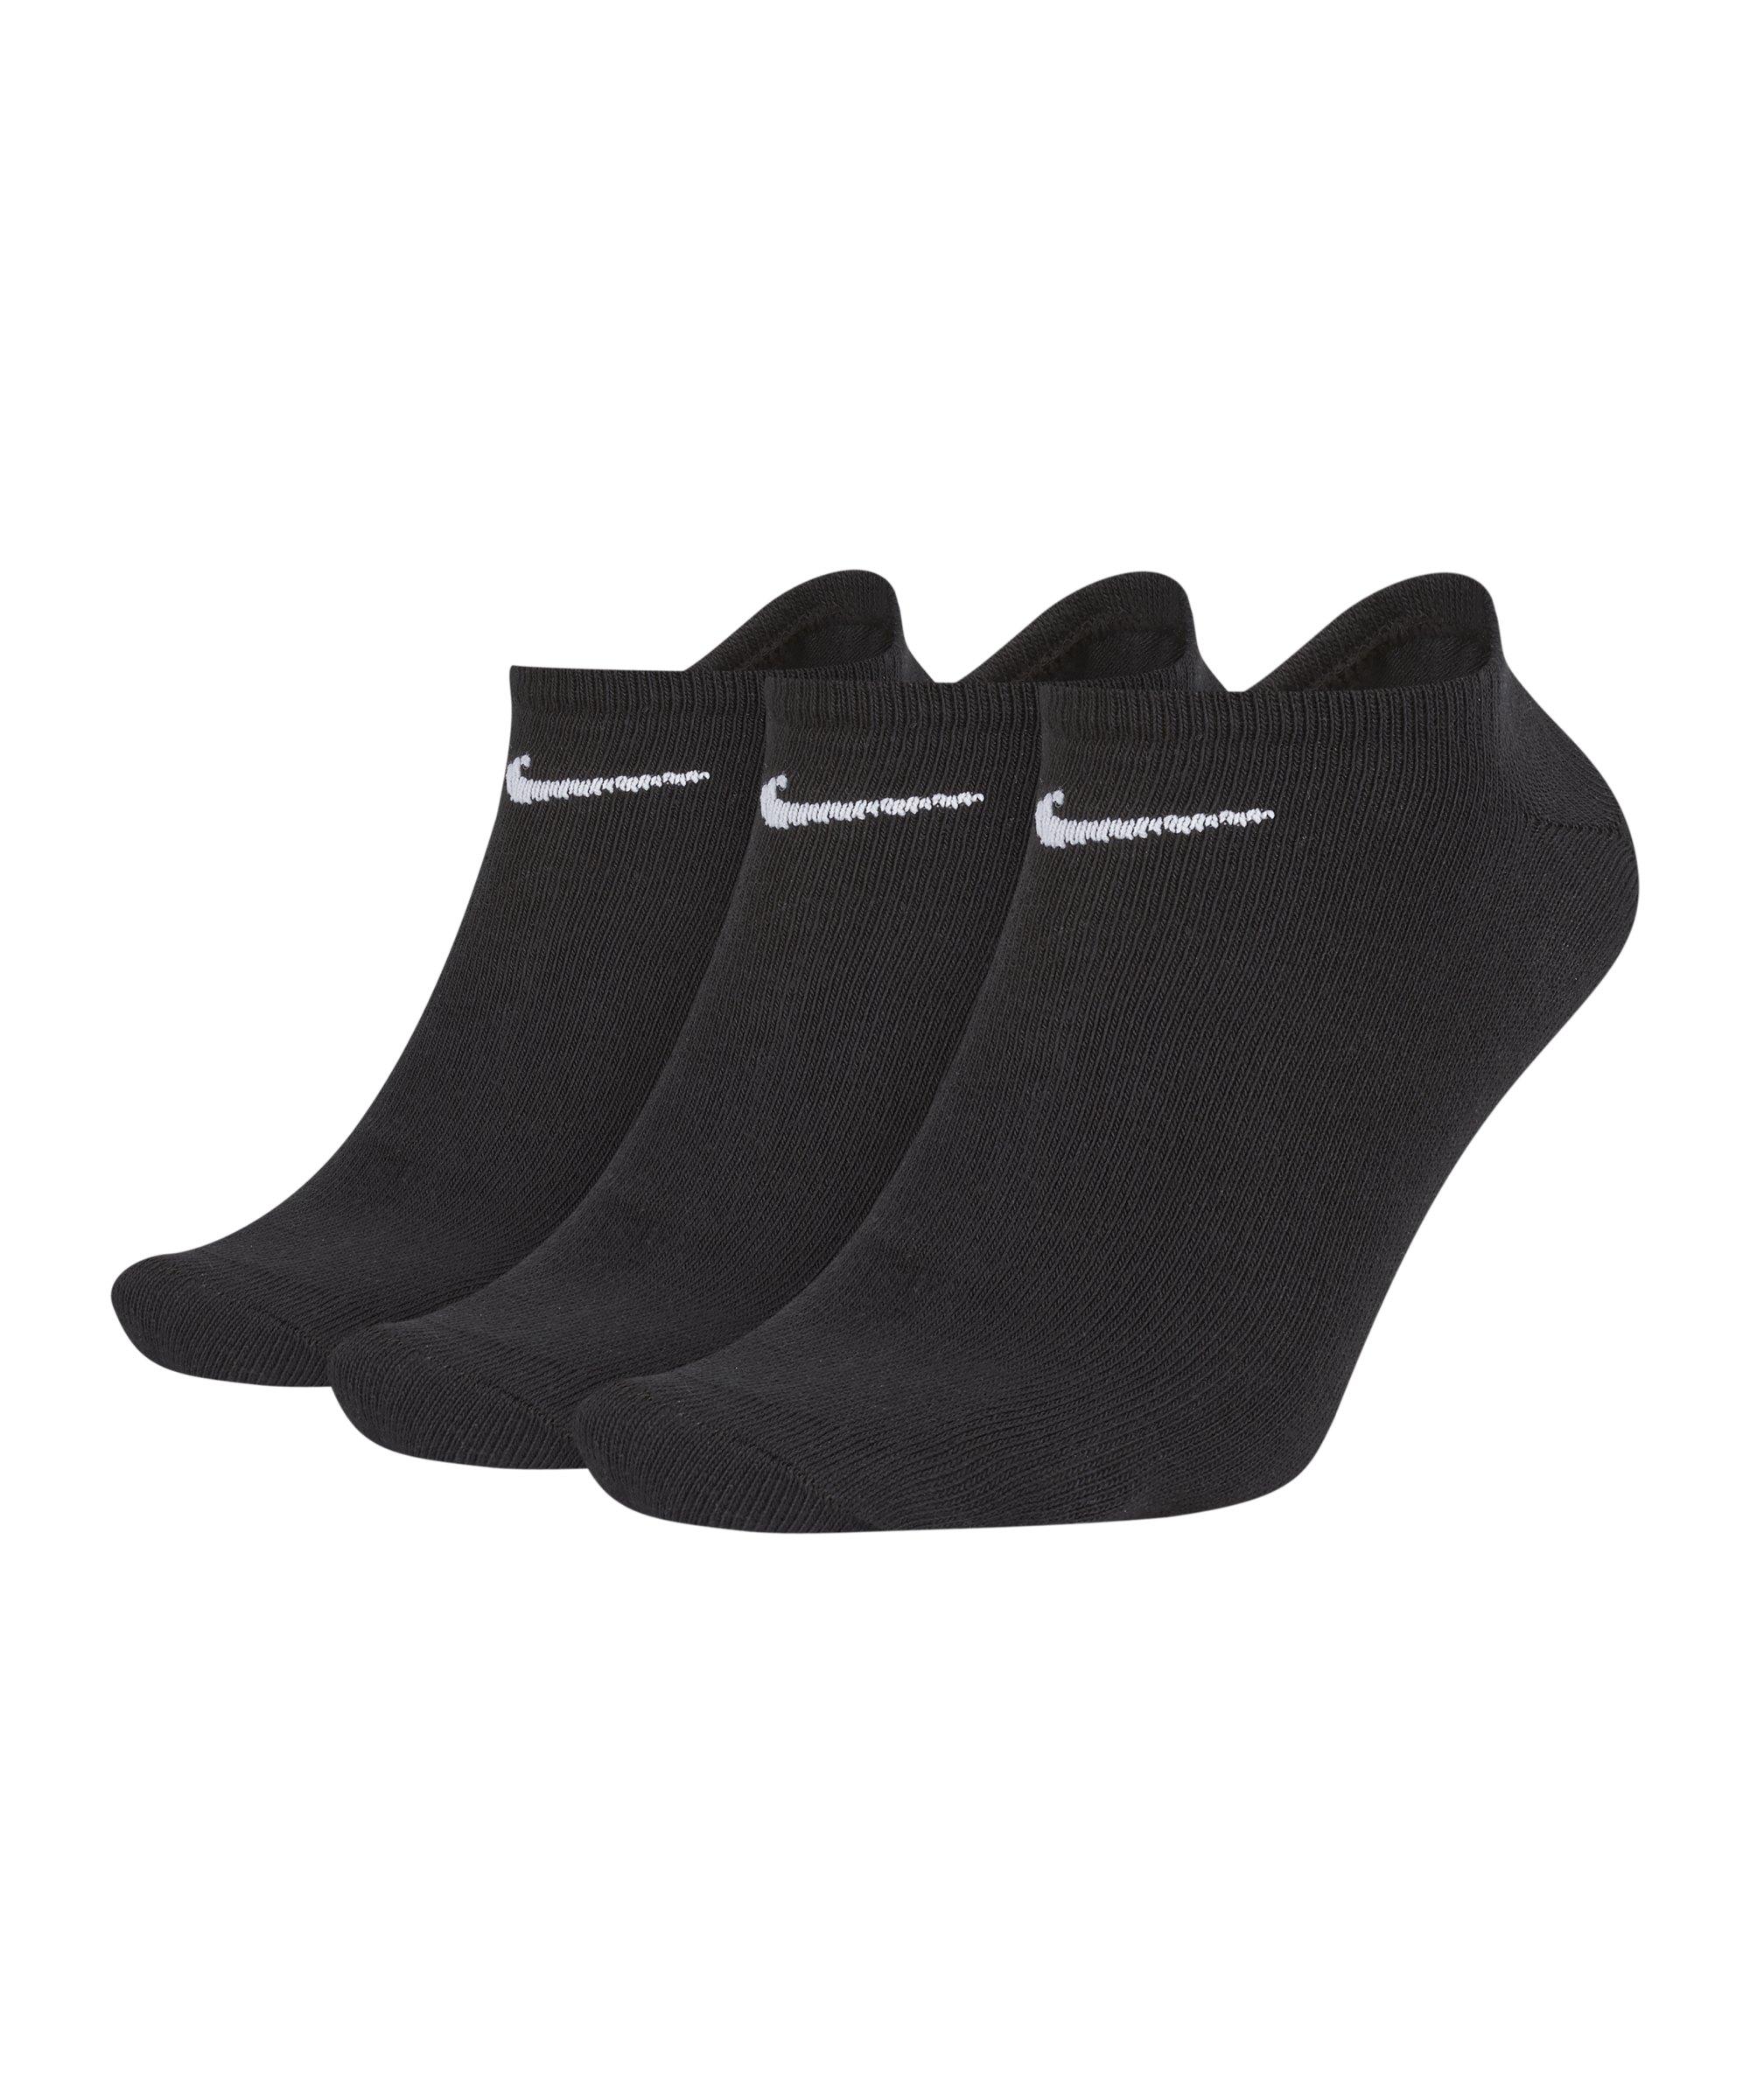 nike 3er pack socken f sslinge sneaker f001 s cklinge. Black Bedroom Furniture Sets. Home Design Ideas